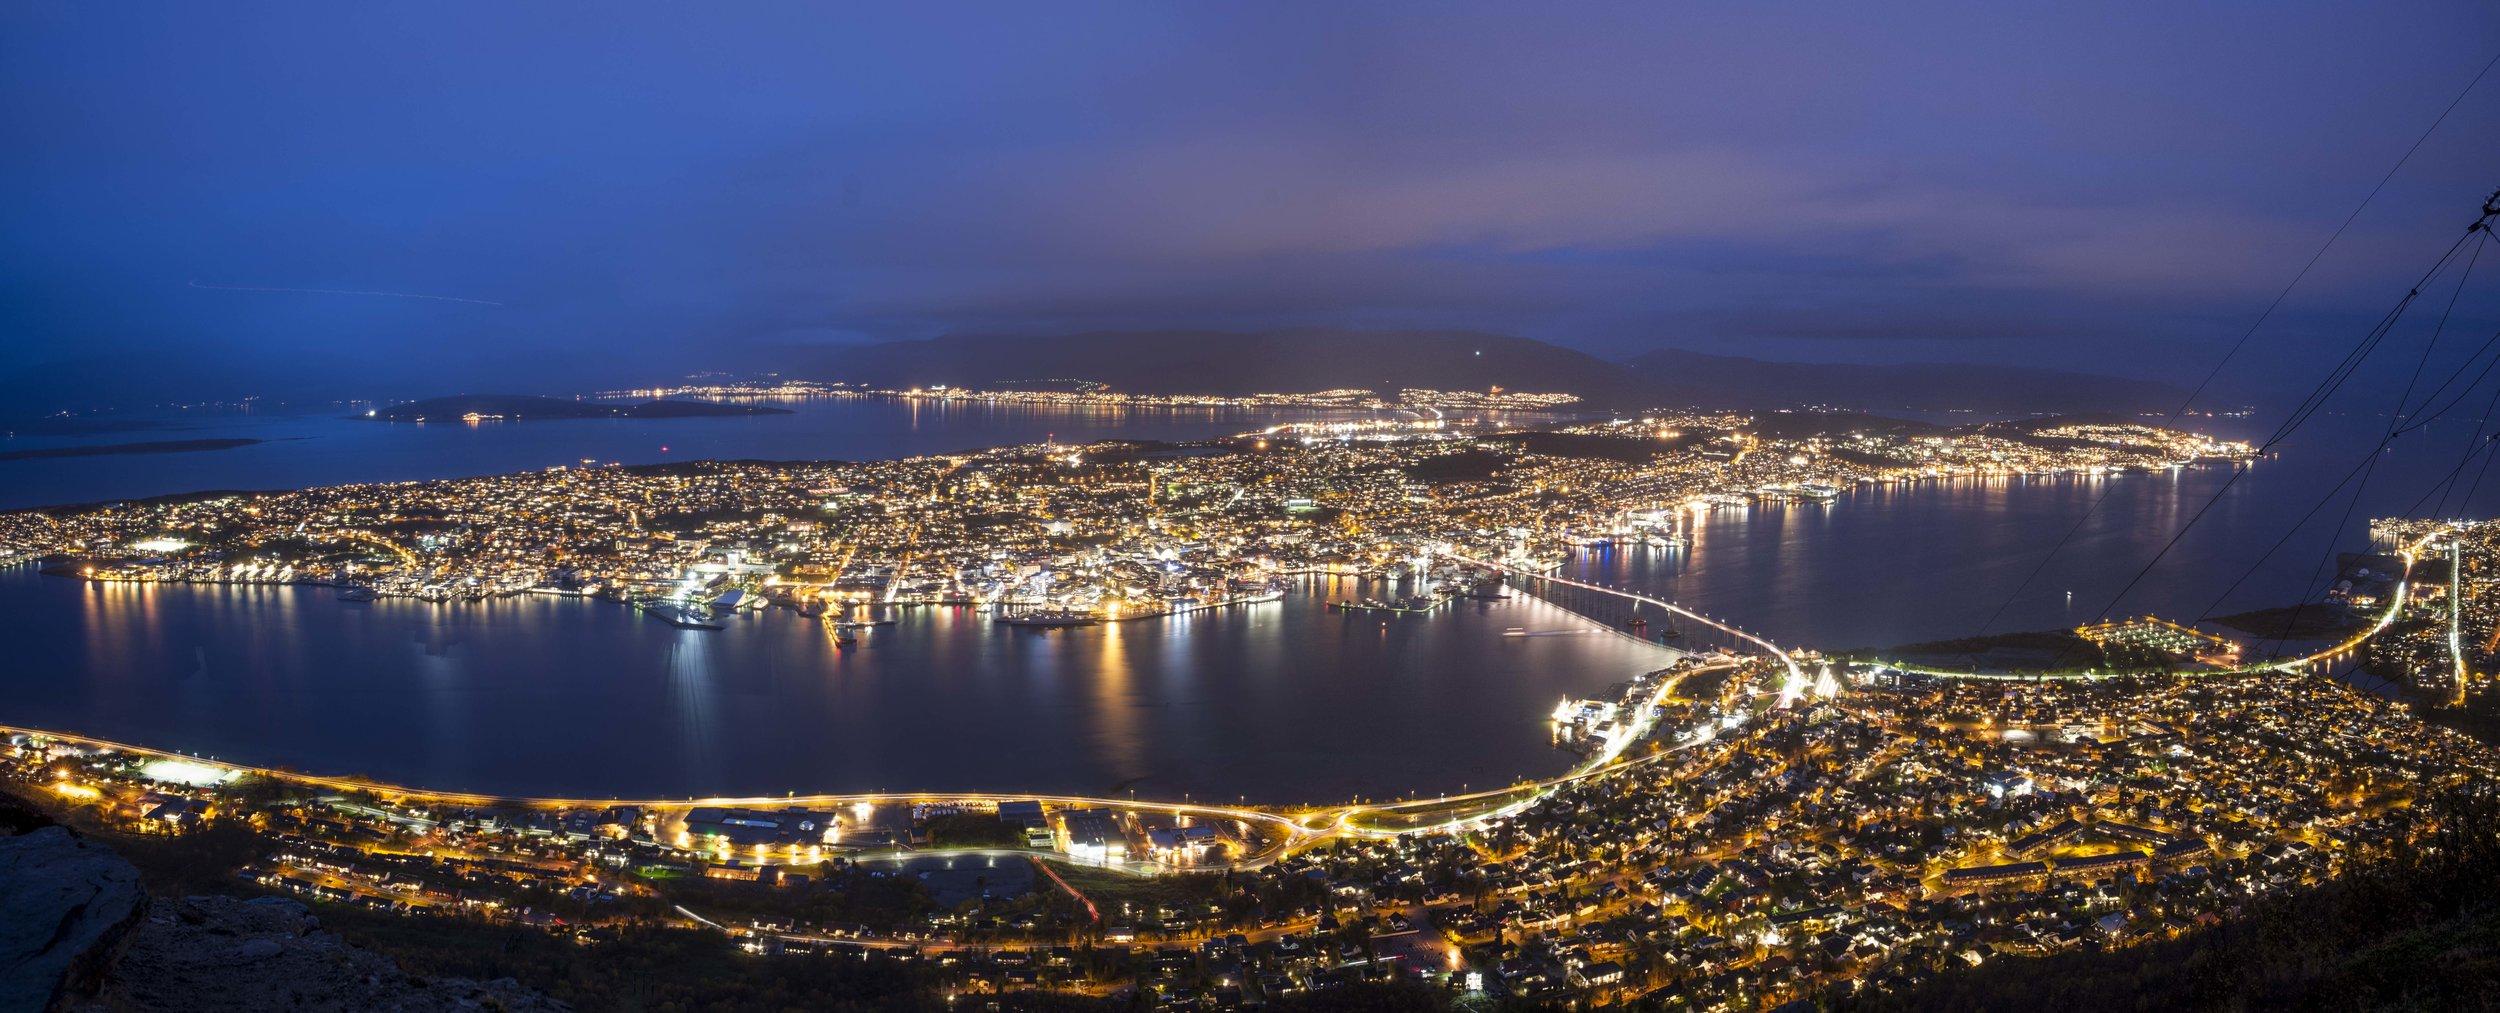 Tromsø by night, Norway